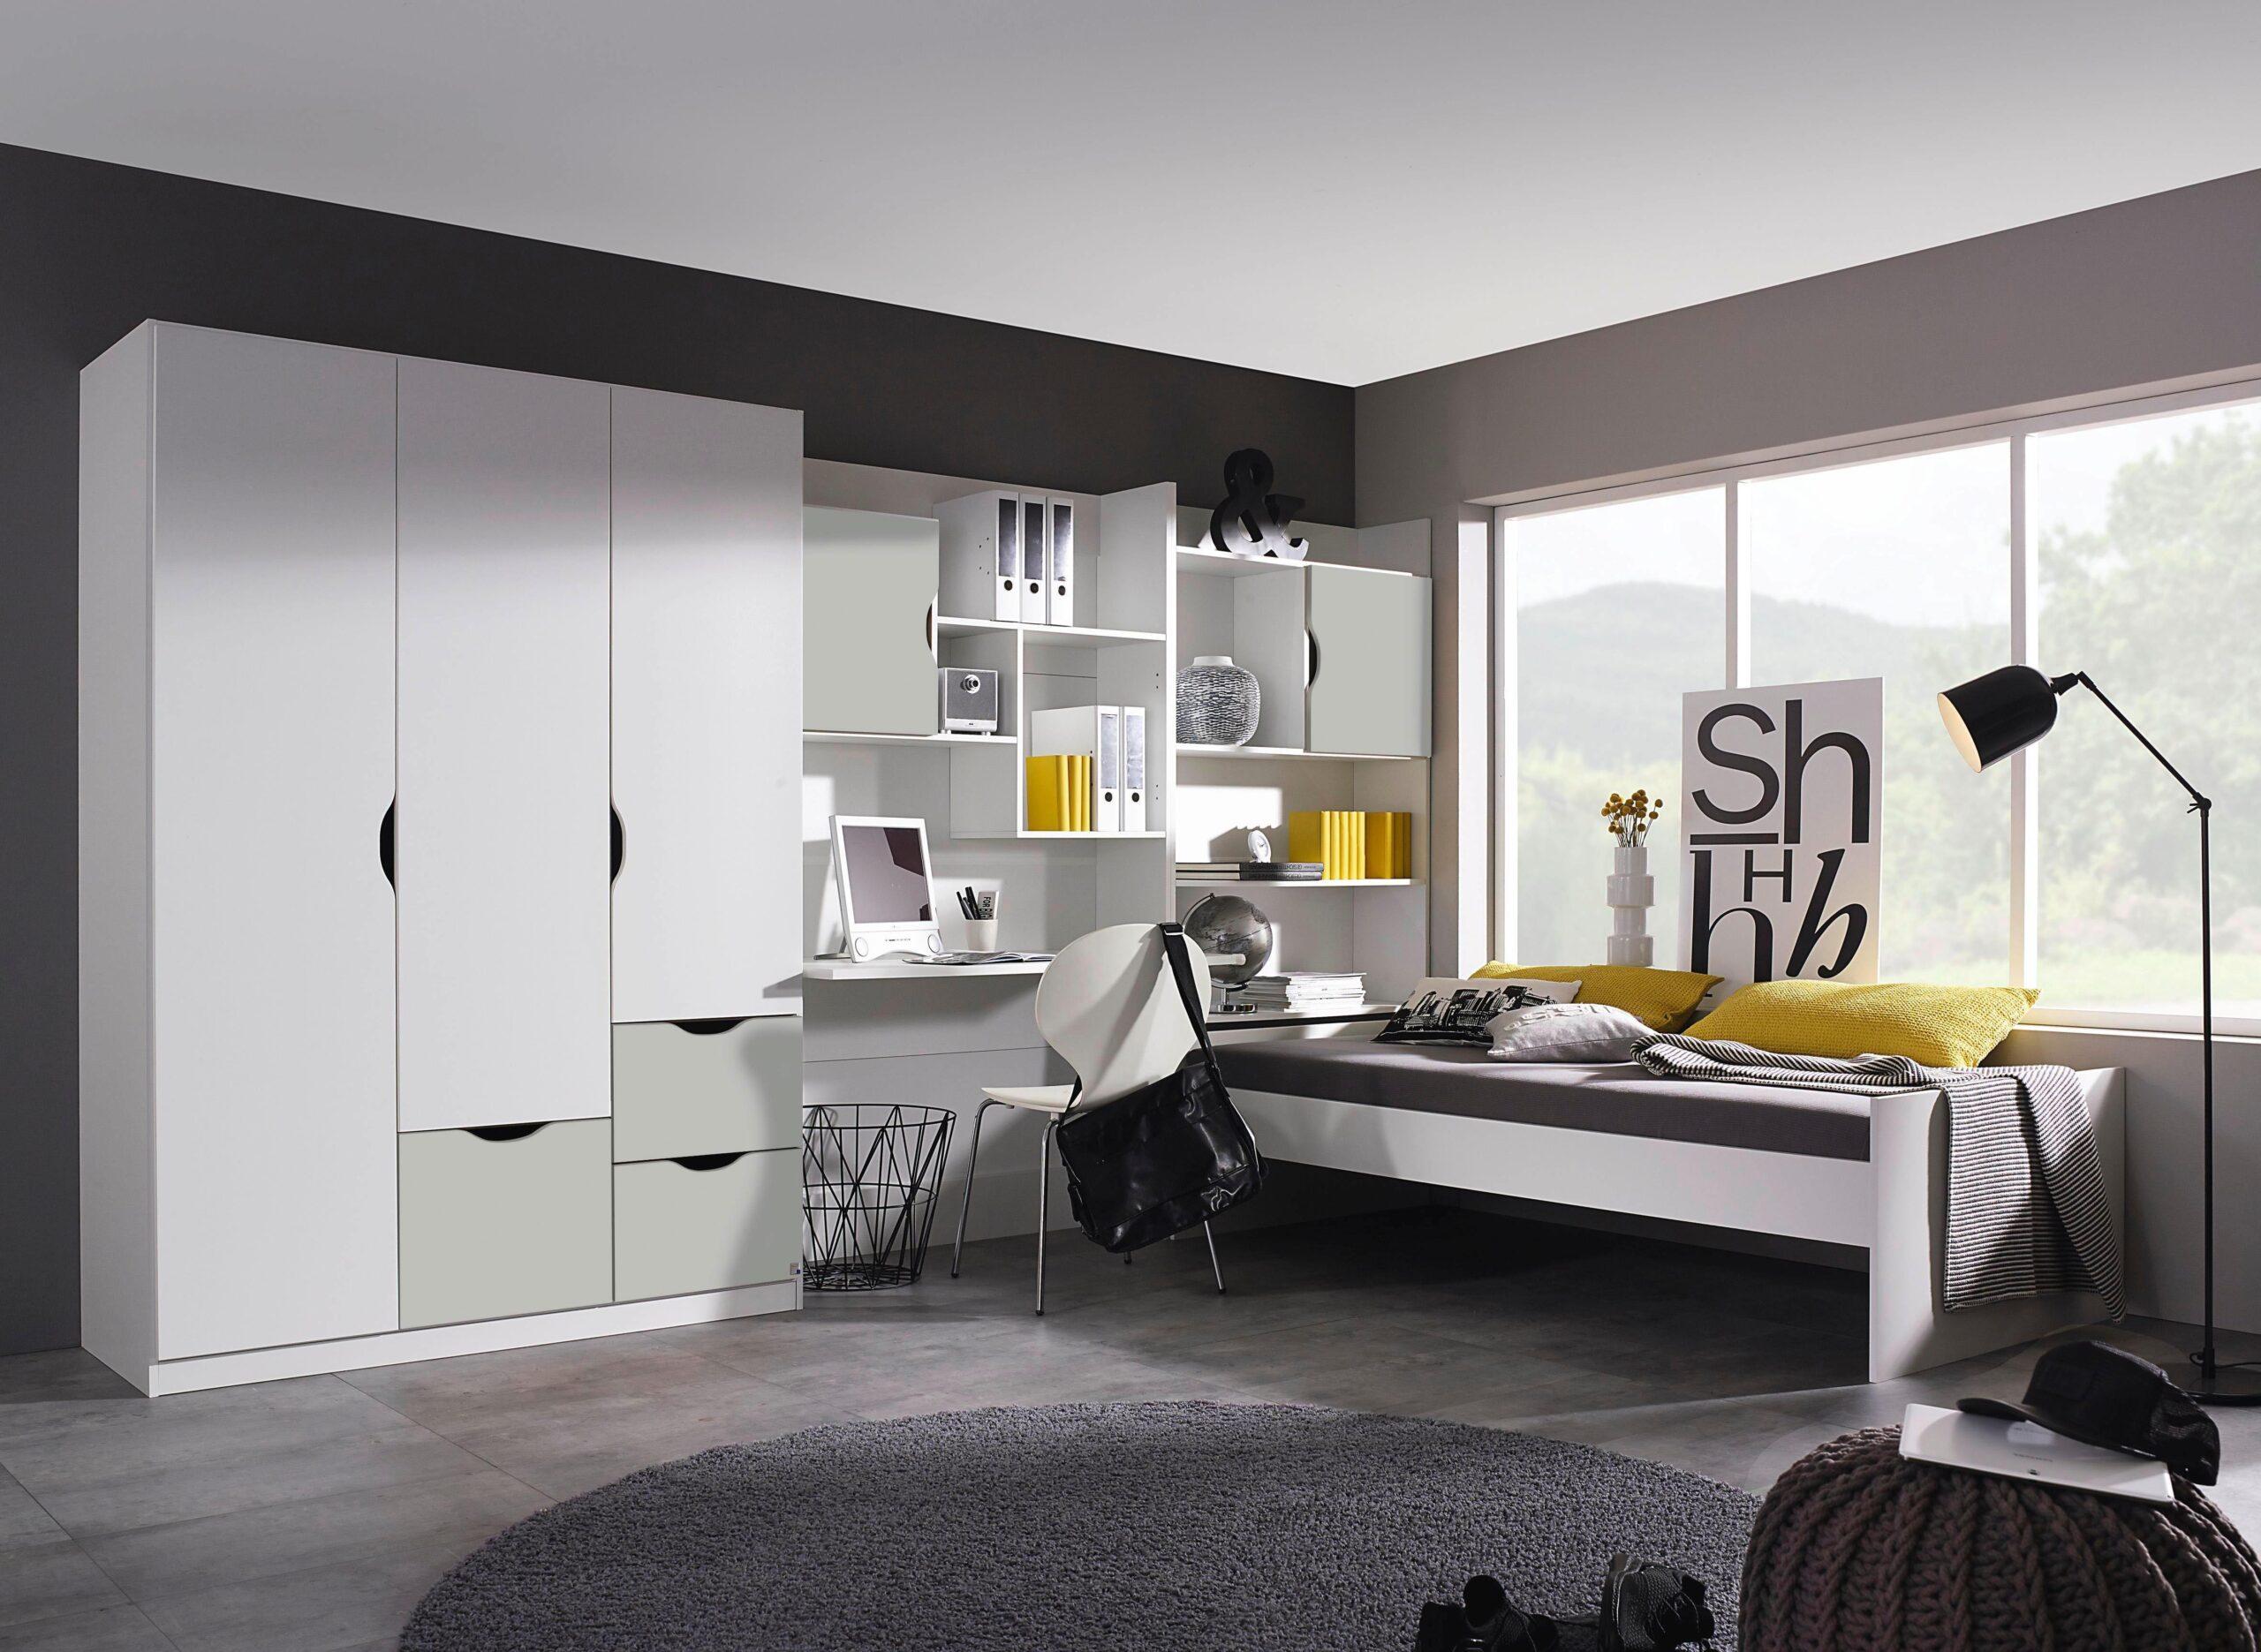 Full Size of Komplett Jugendzimmer Online Kaufen Mbel Suchmaschine Bett Xora Sofa Wohnzimmer Xora Jugendzimmer